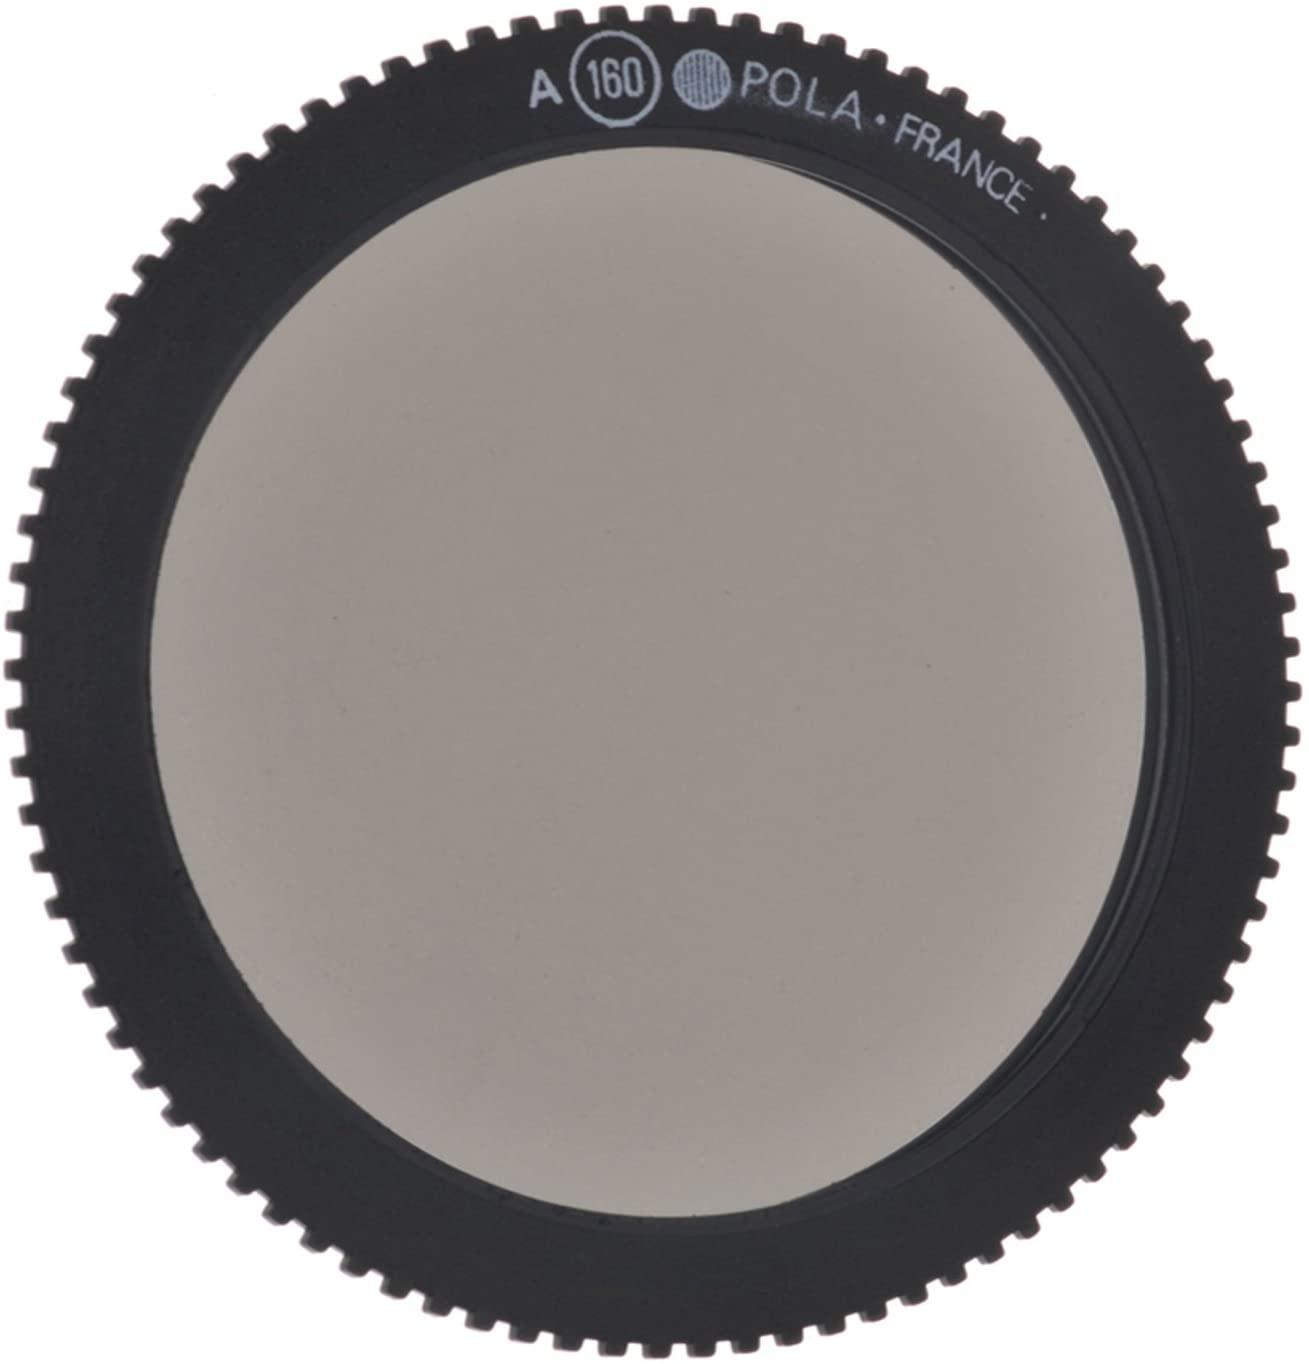 Cokin Creative Filter A160 Linear Polarizer